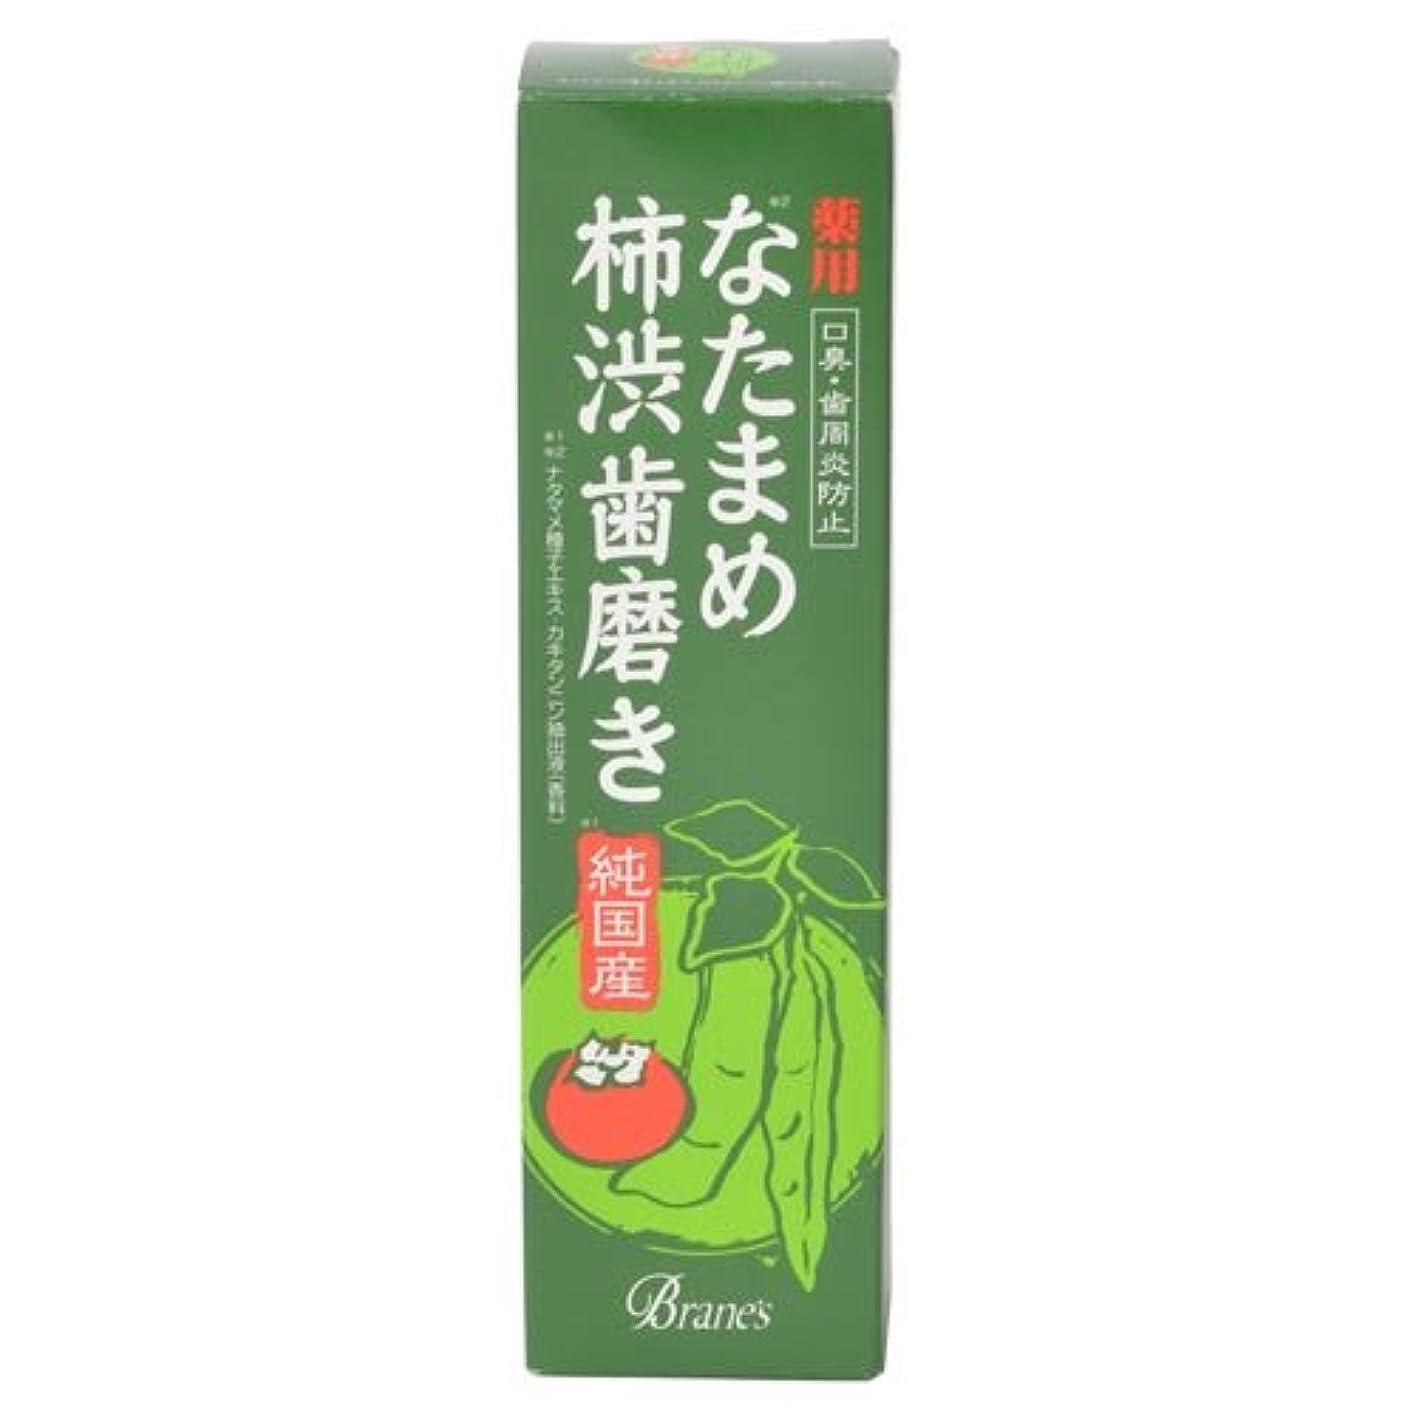 故意の逆にマニアック薬用なたまめ柿渋歯磨き 120g